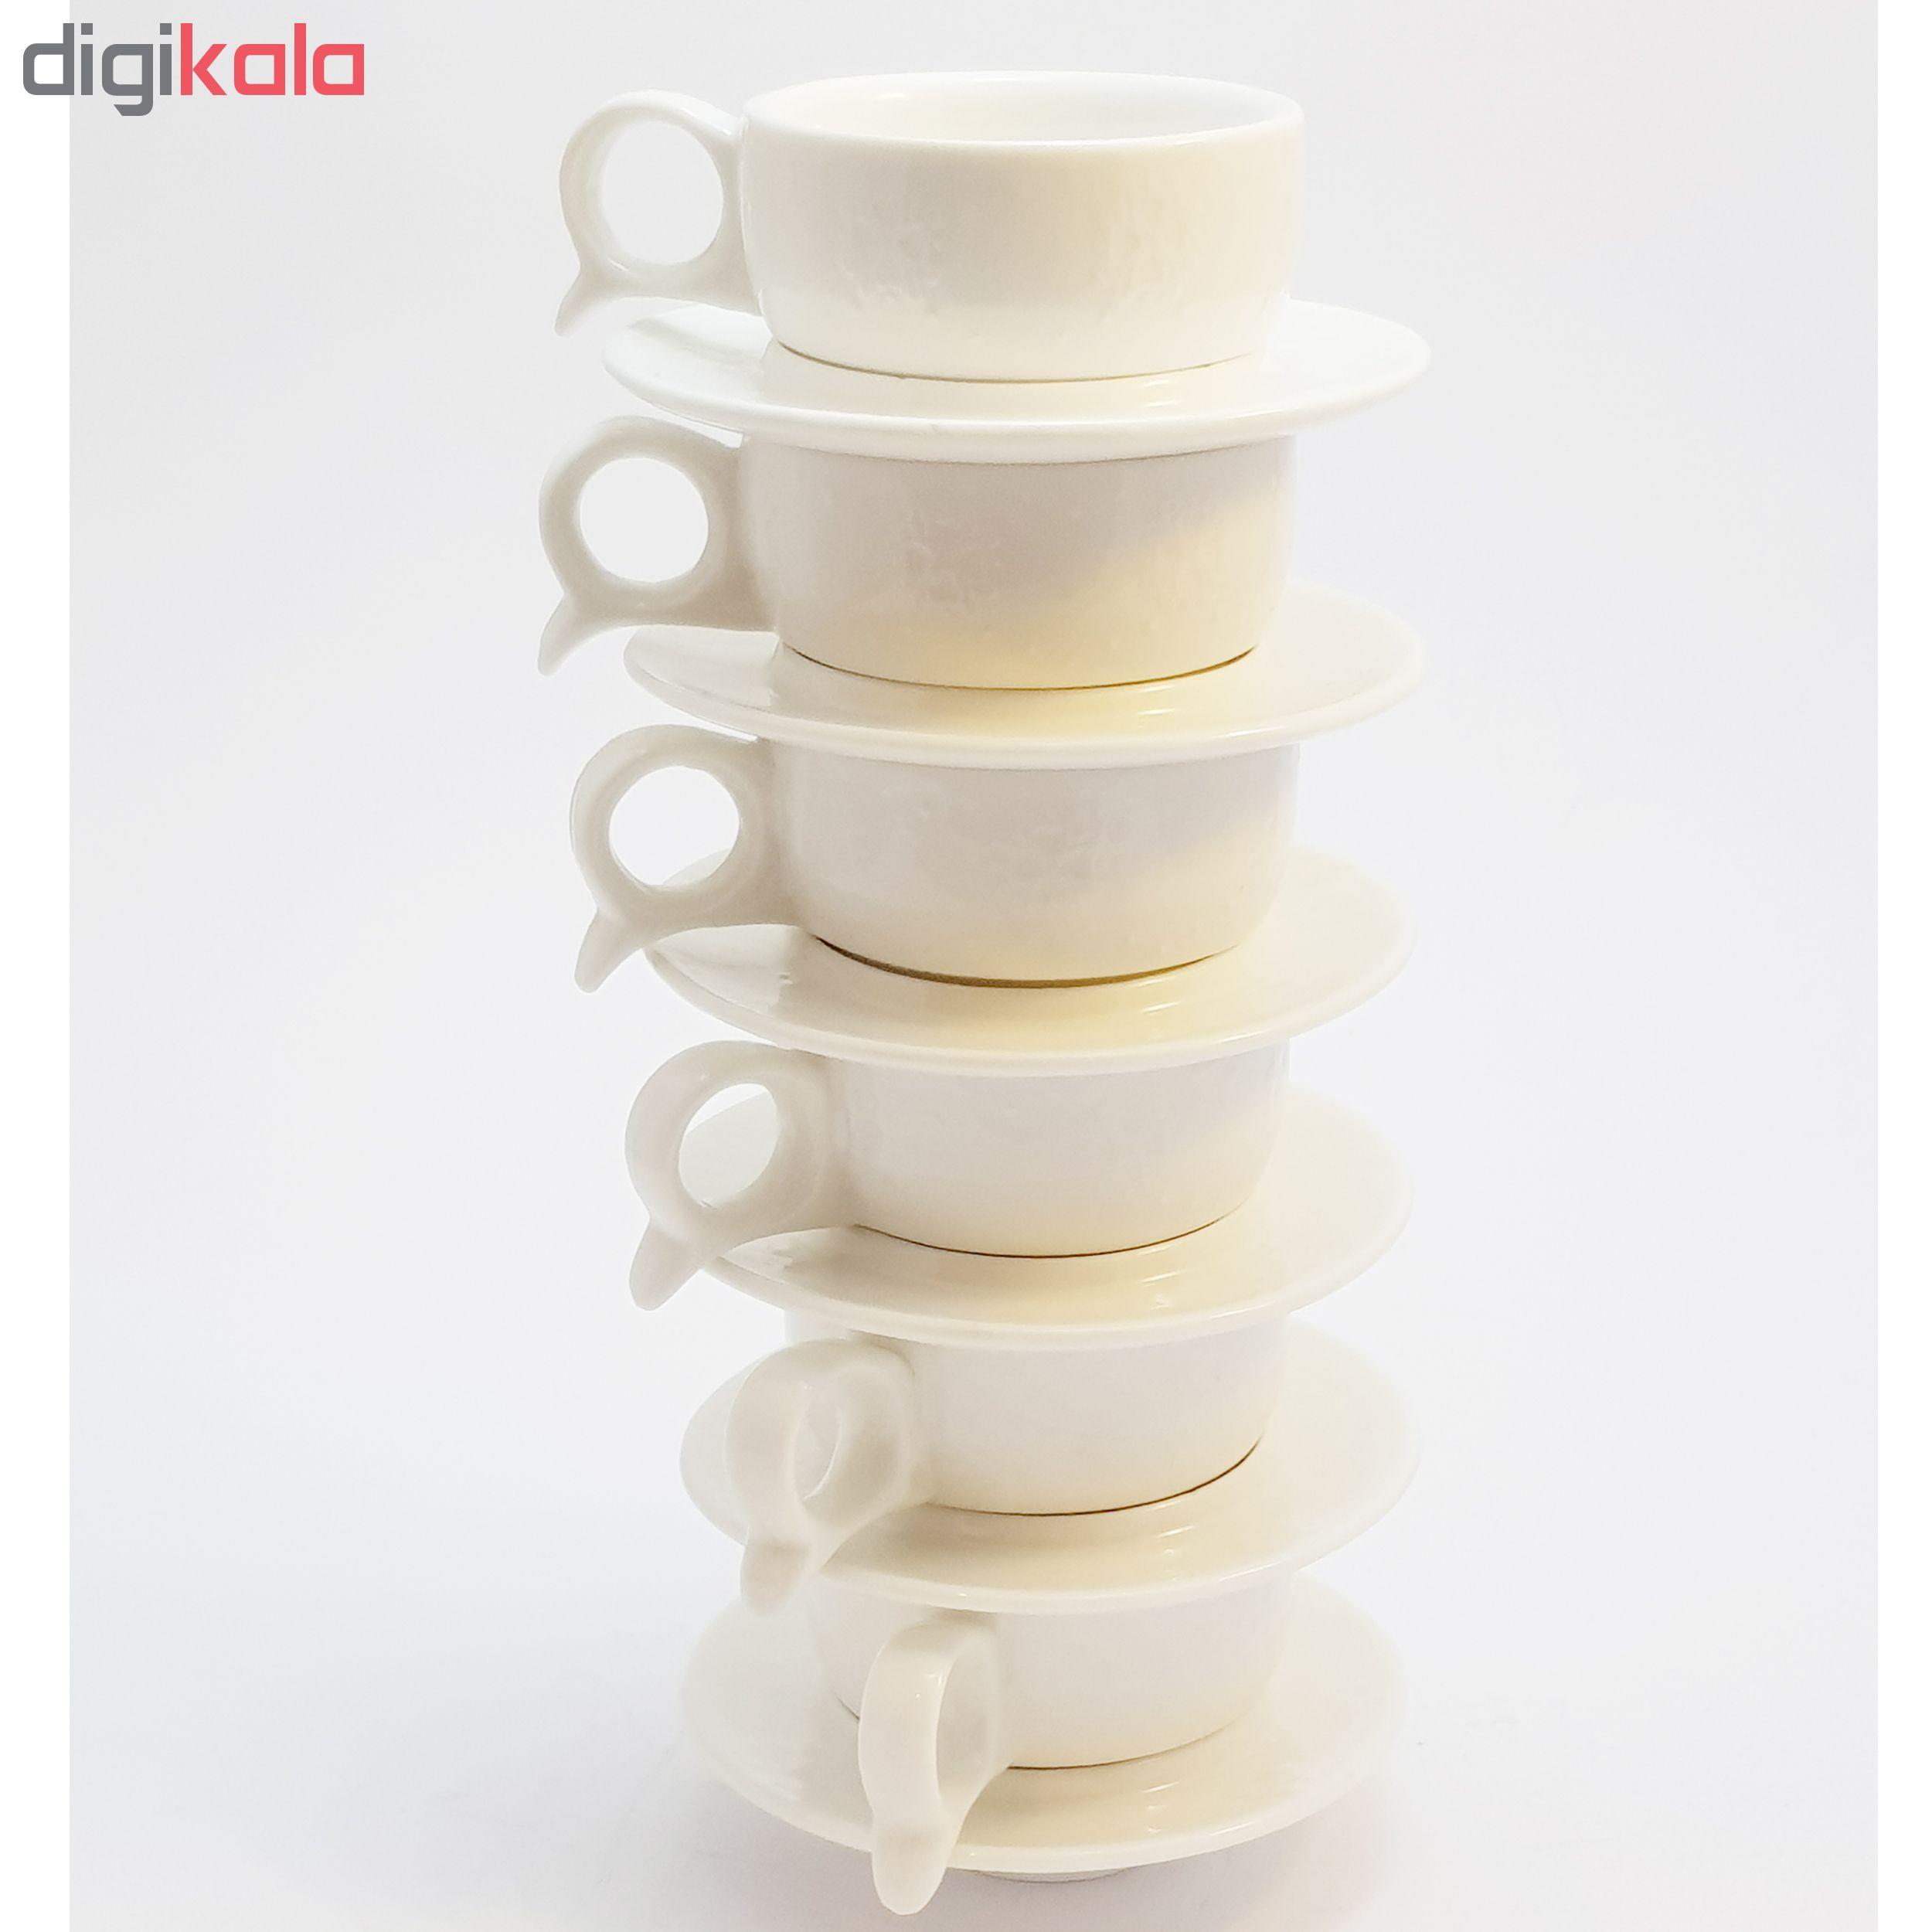 سرویس چای خوری 12 پارچه کافی ست مدل HPS